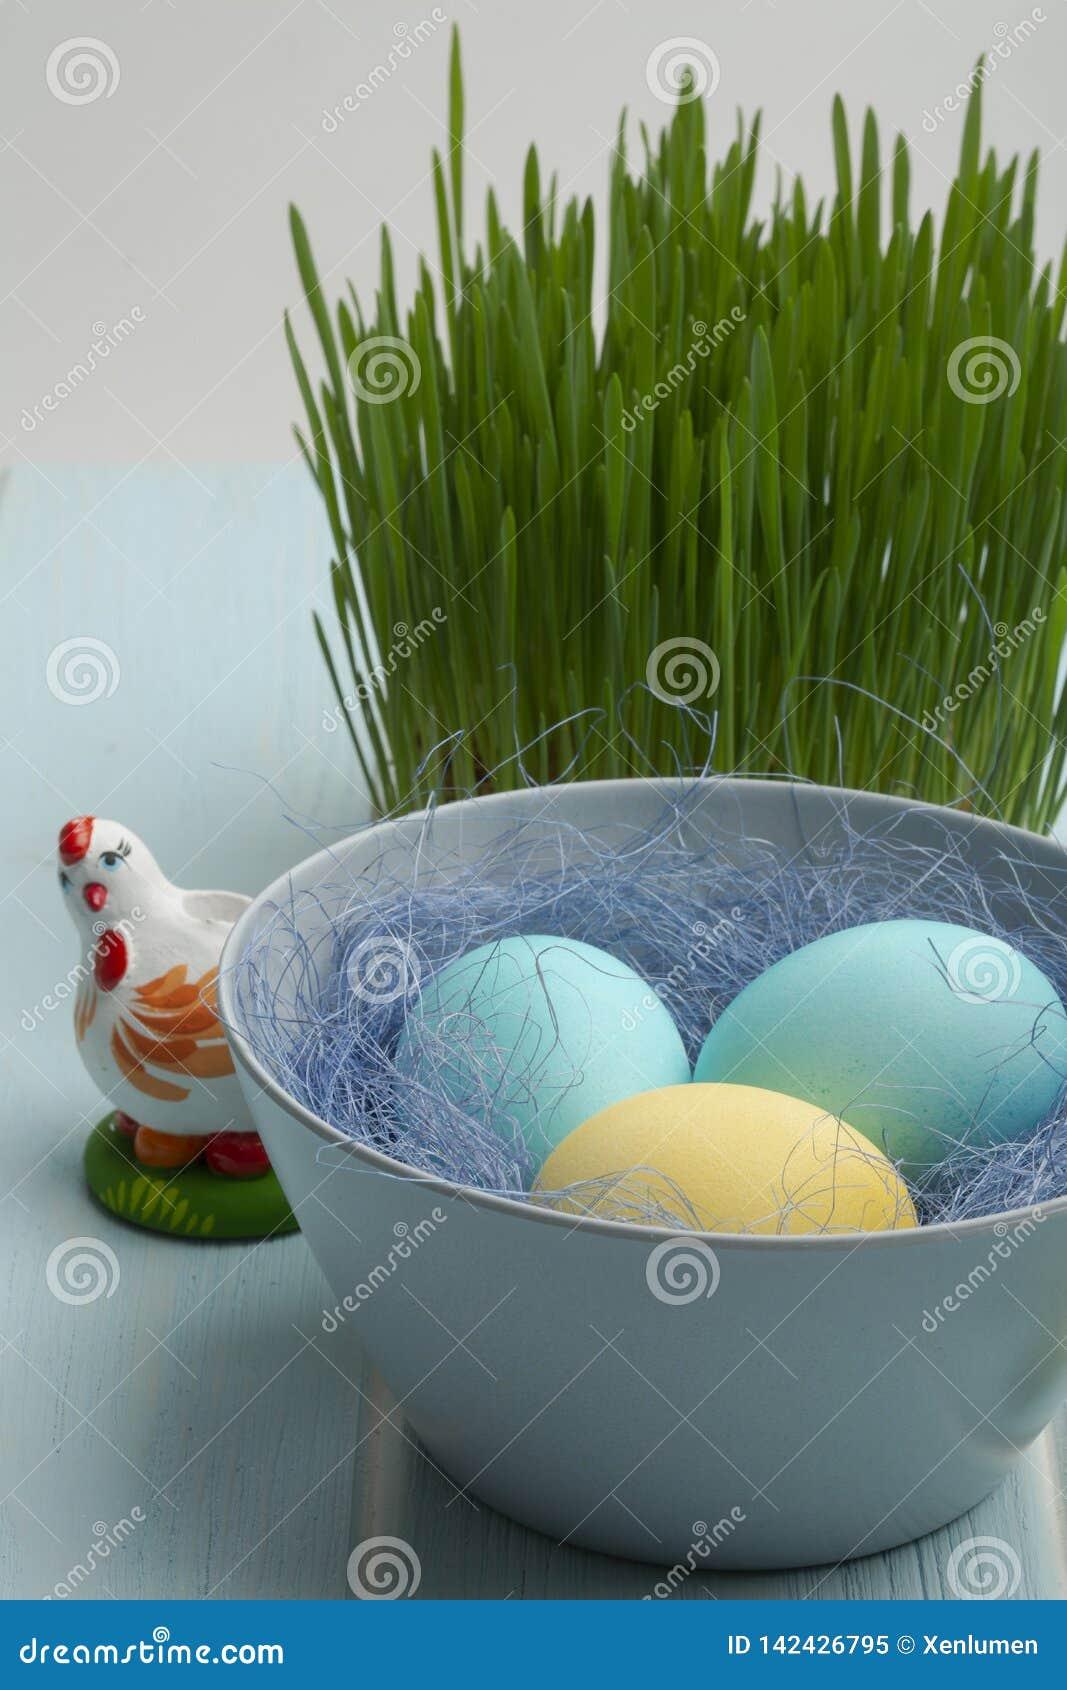 Dyed chiken ovos em uma bacia